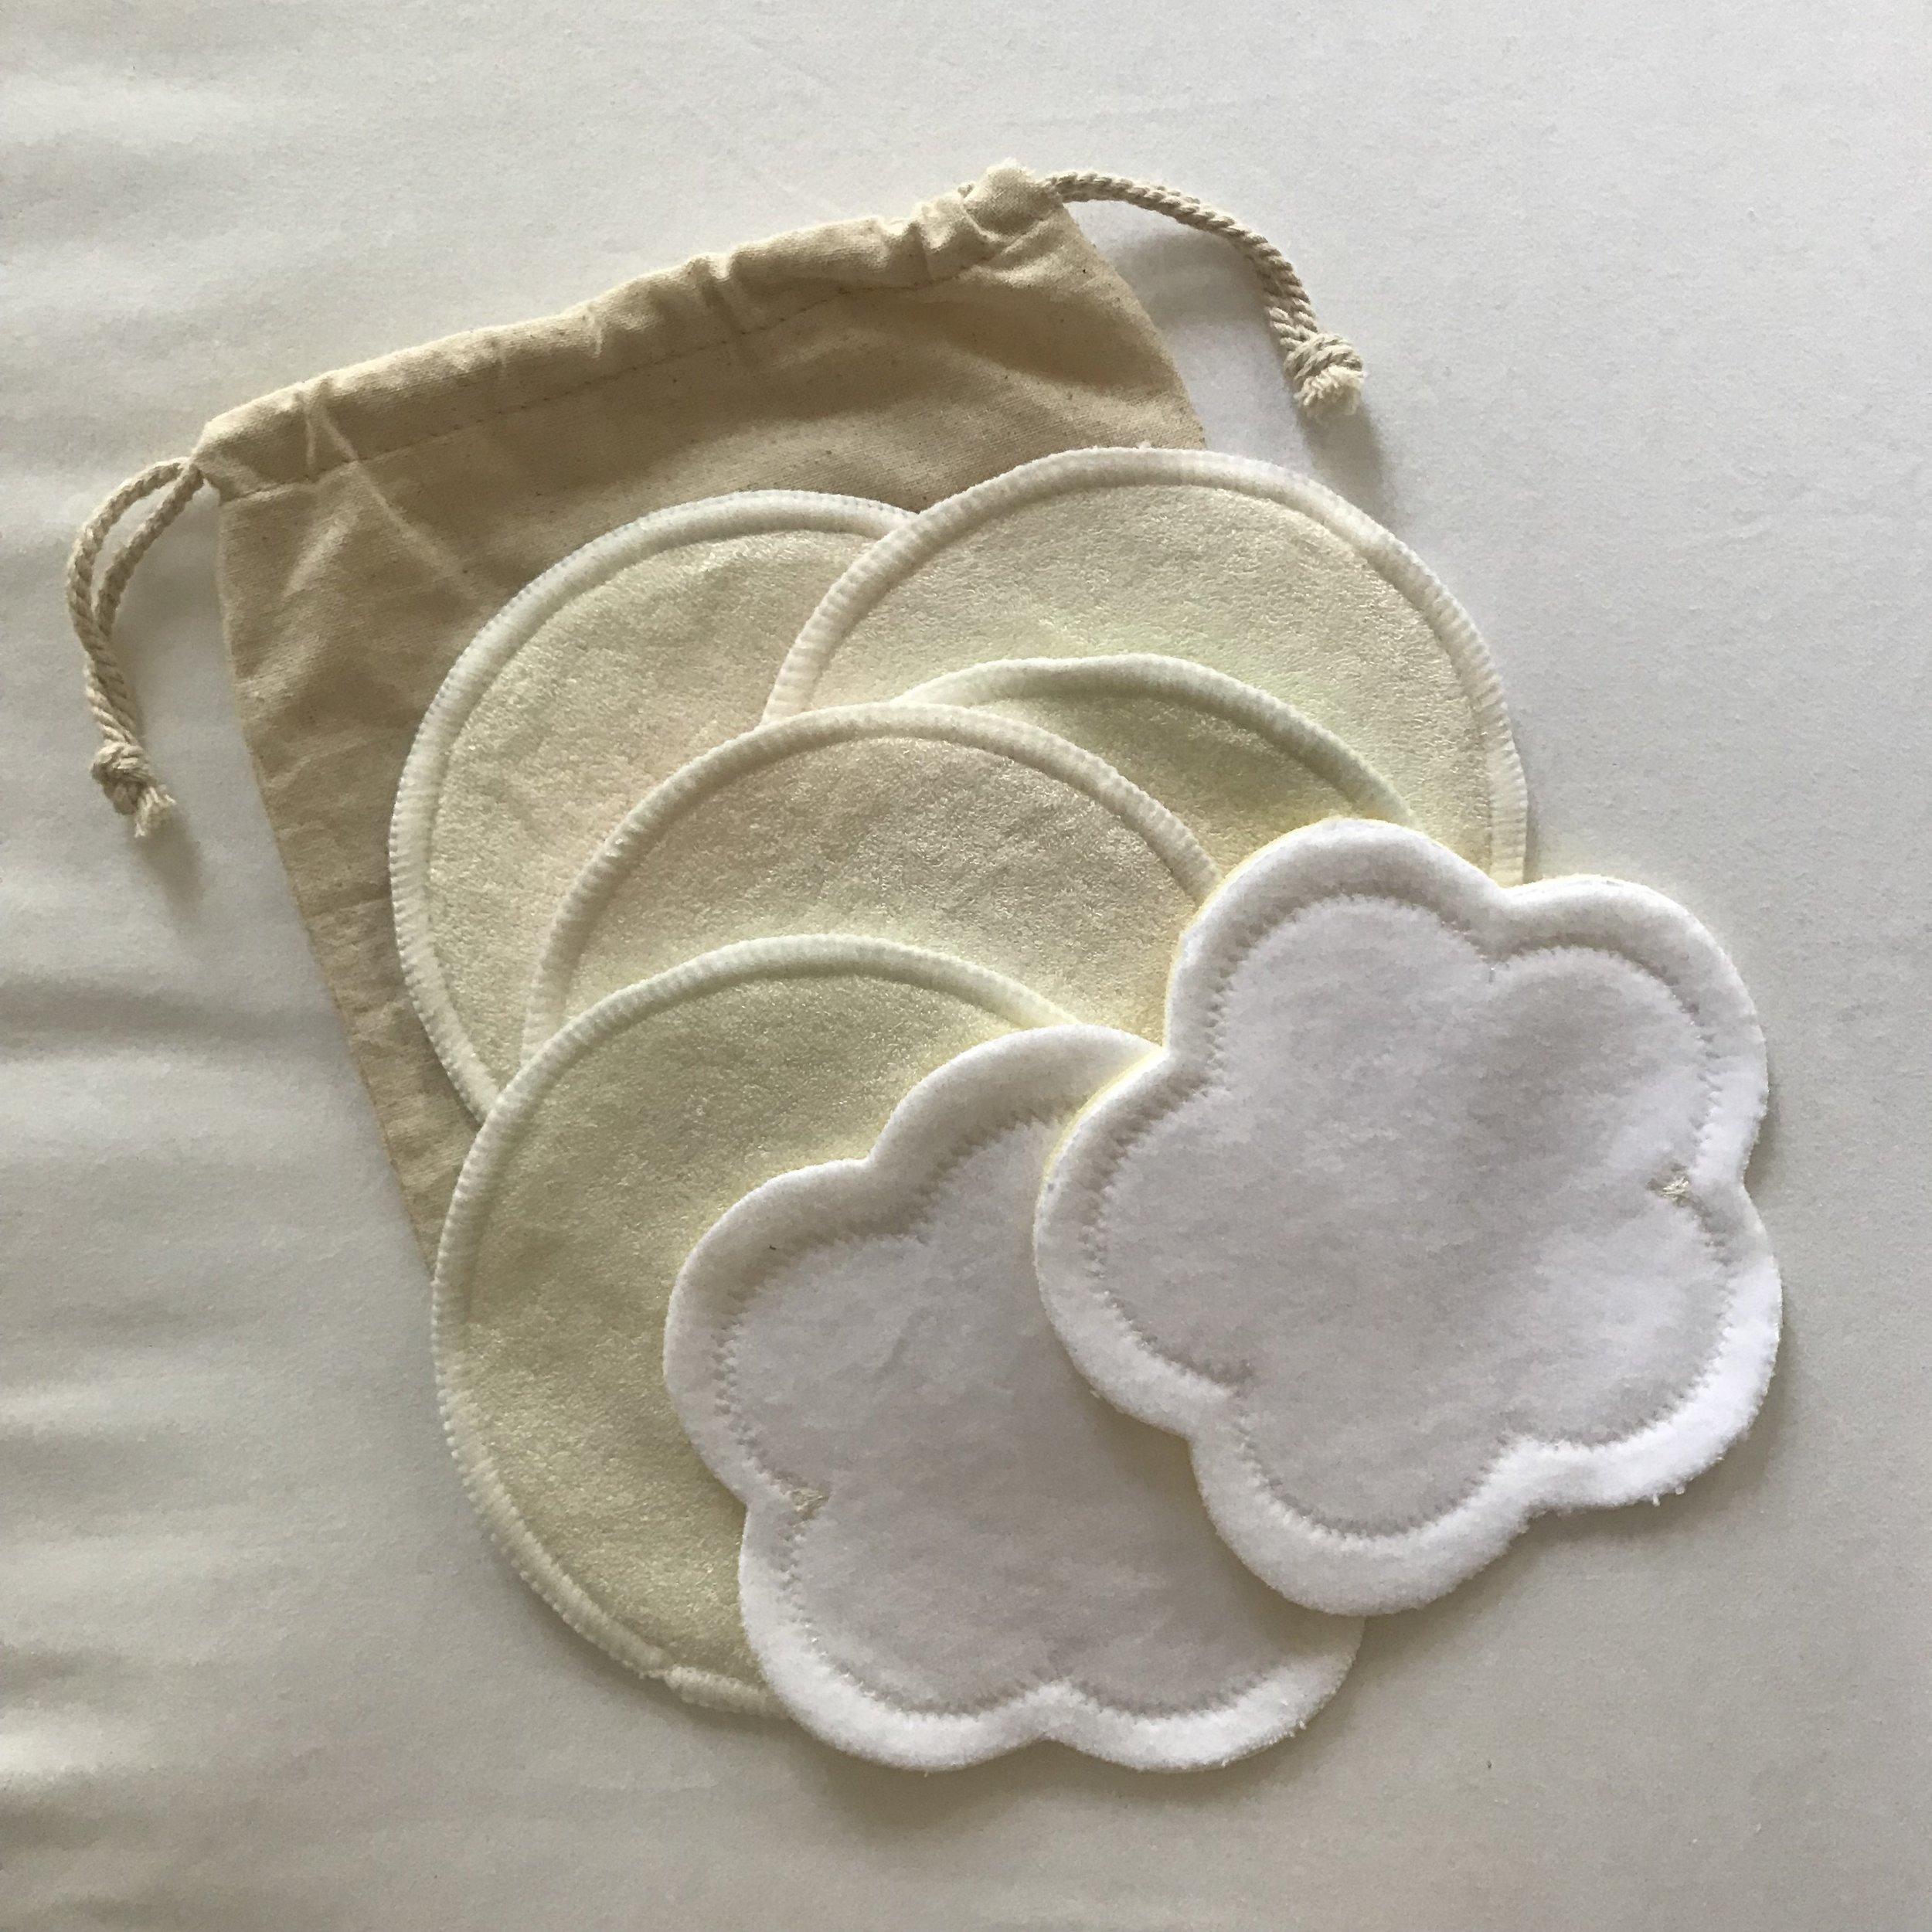 bamboo makeup remover pads.JPG